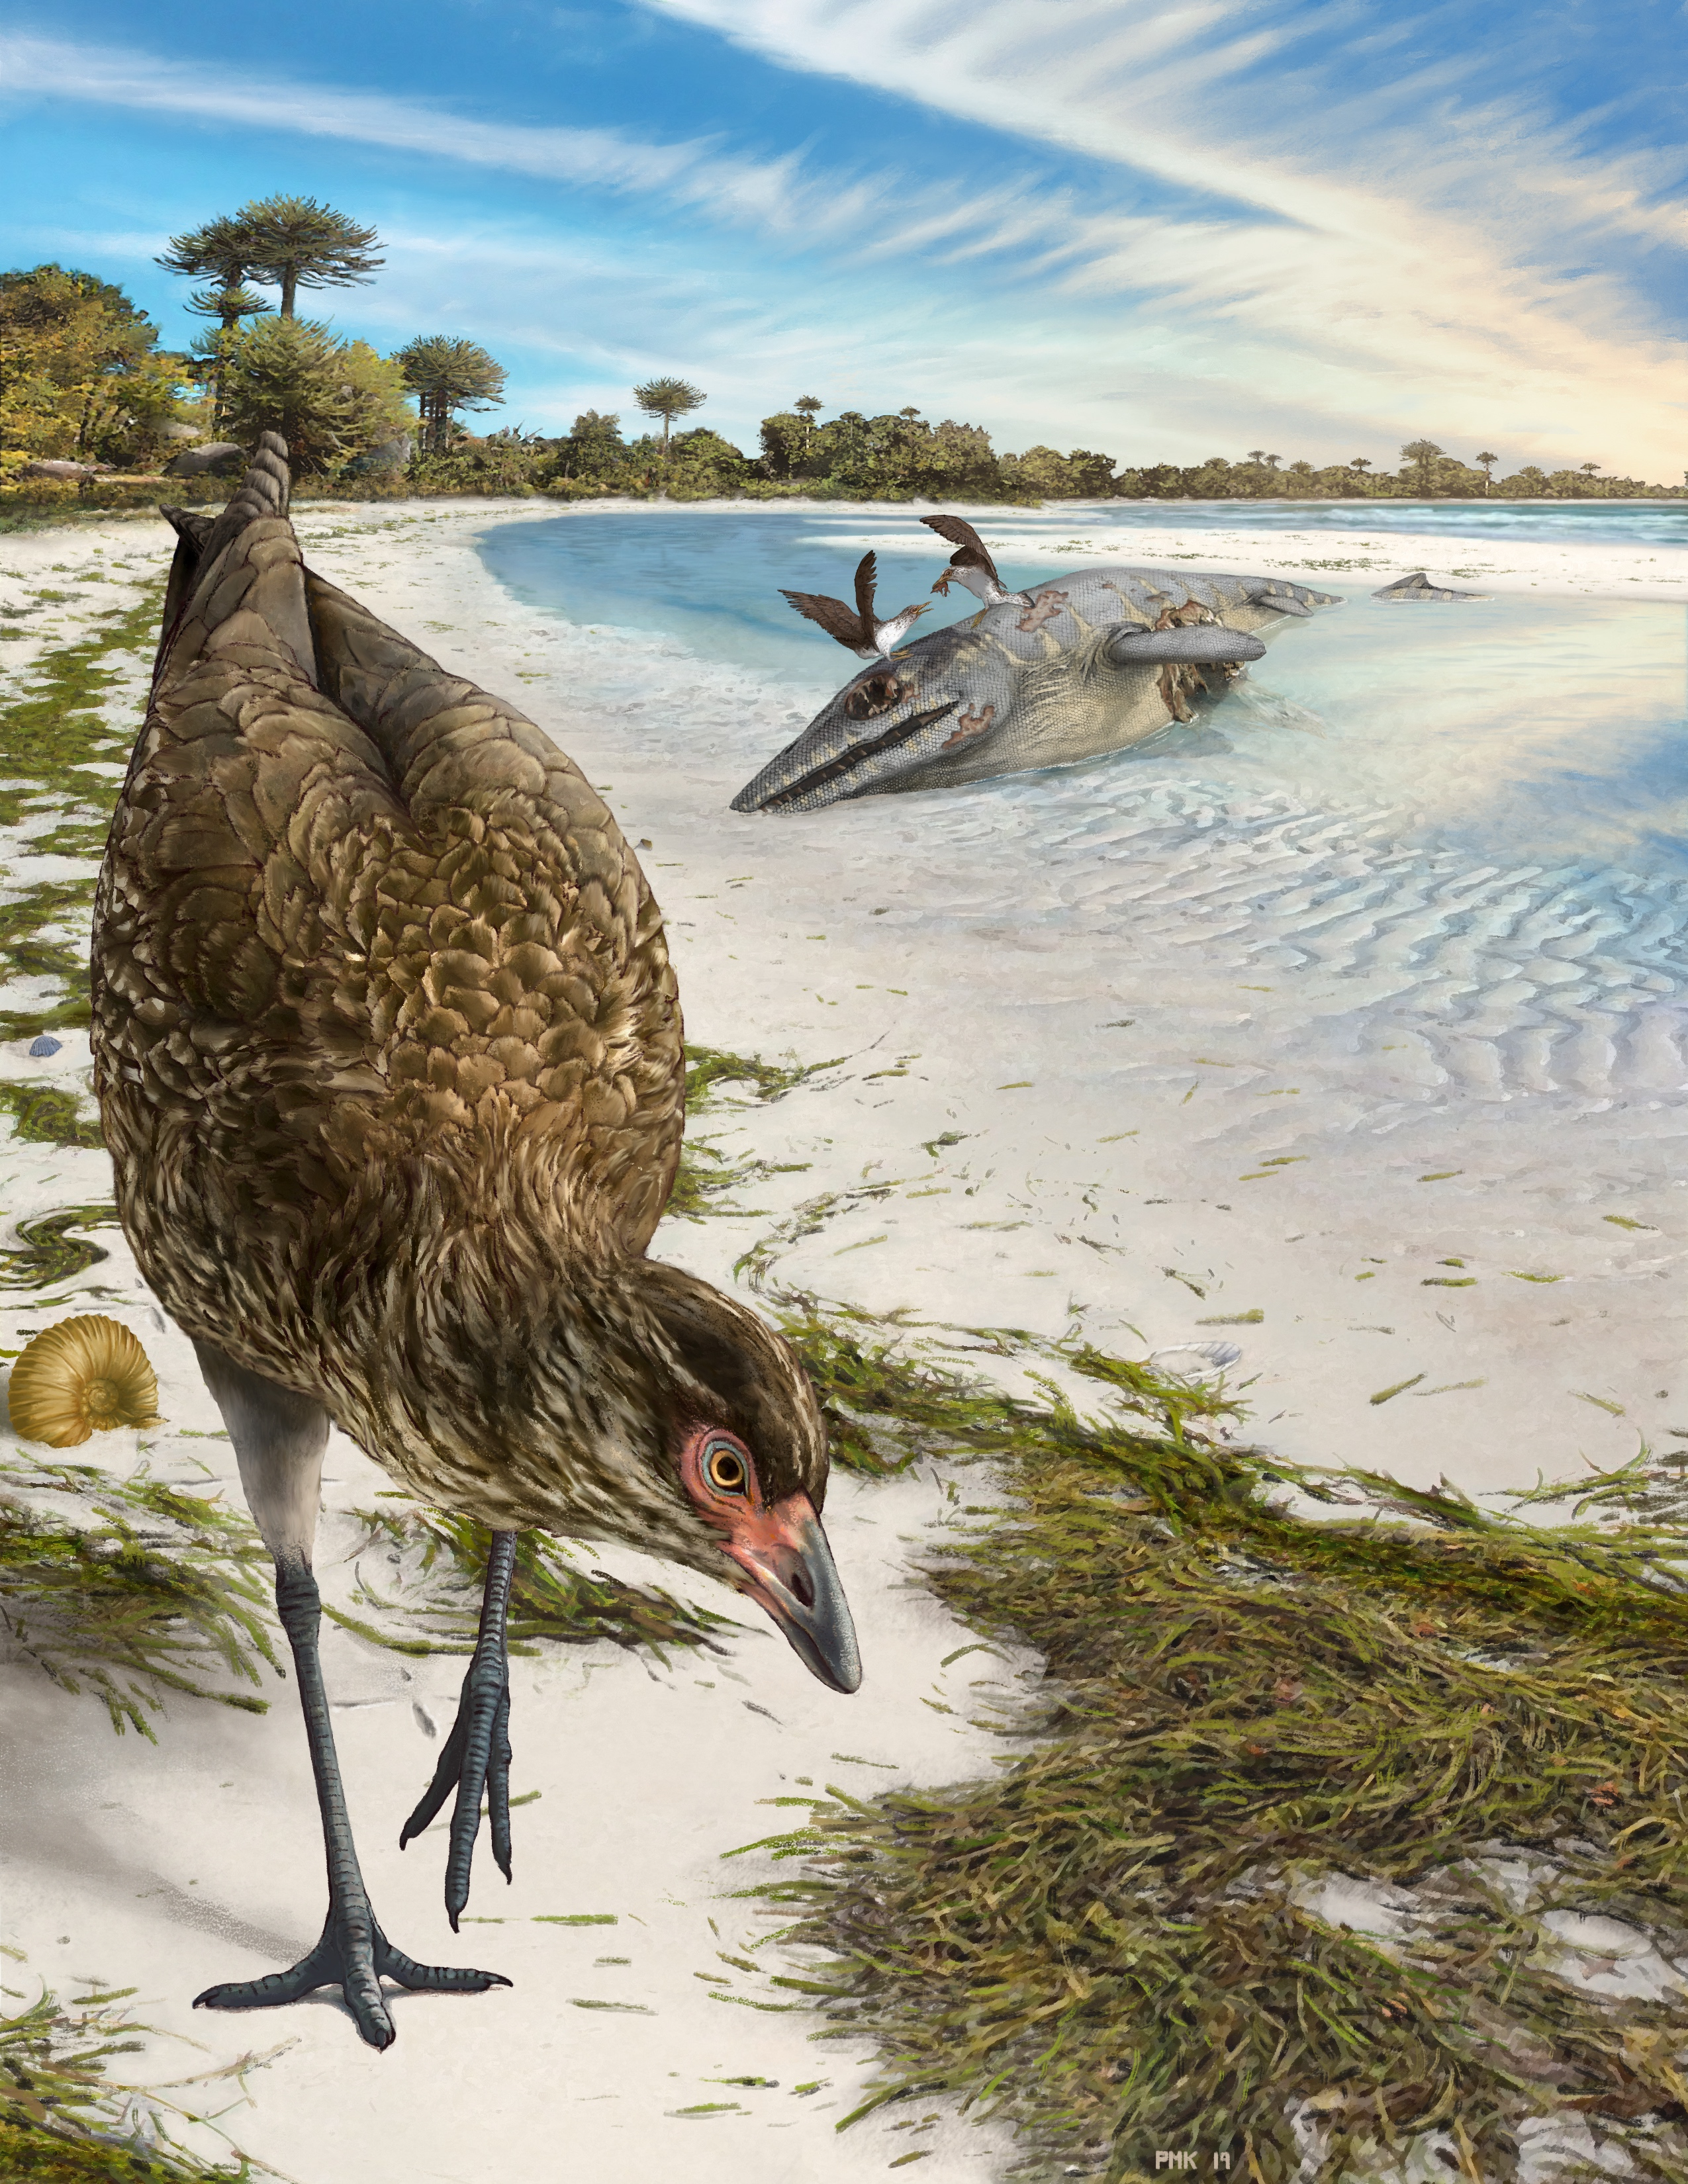 Reconstrucción artística del ave moderno más antiguo del mundo.